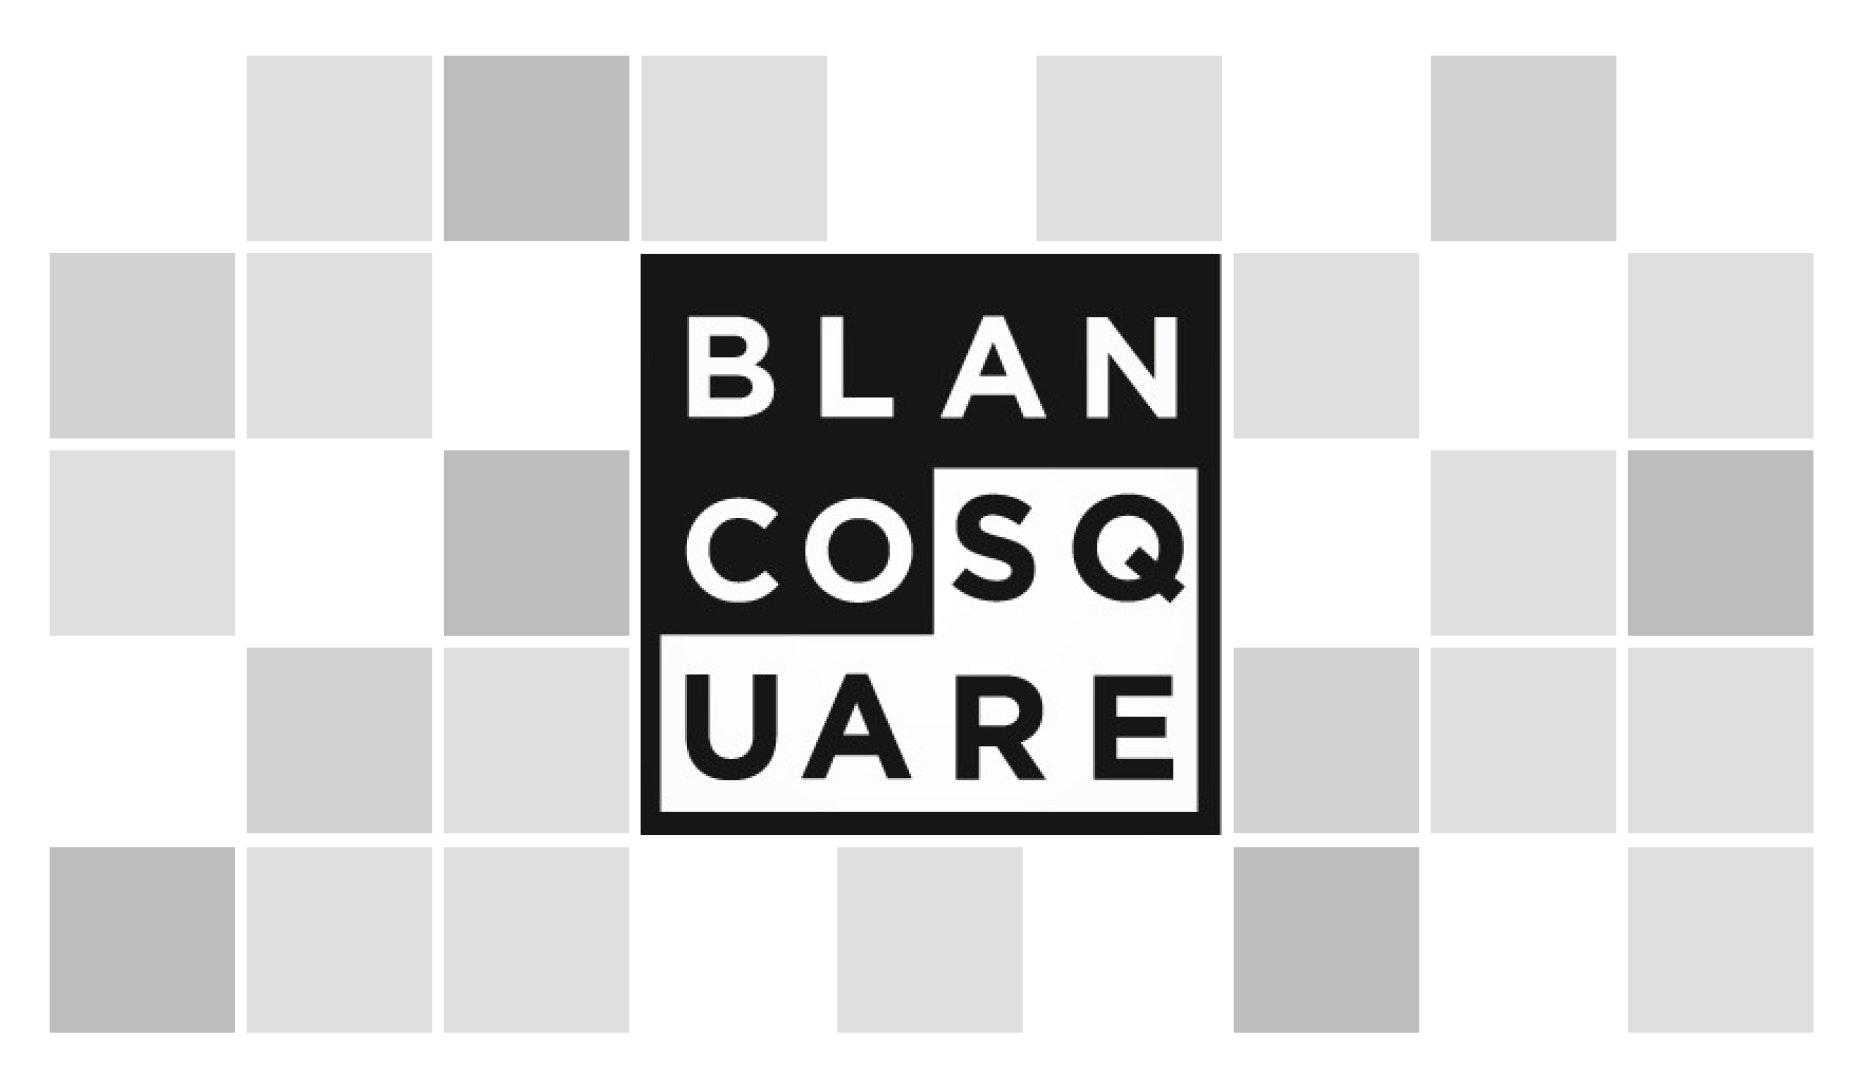 25 quadratische Logos, die sich auf das Wesentliche konzentrieren